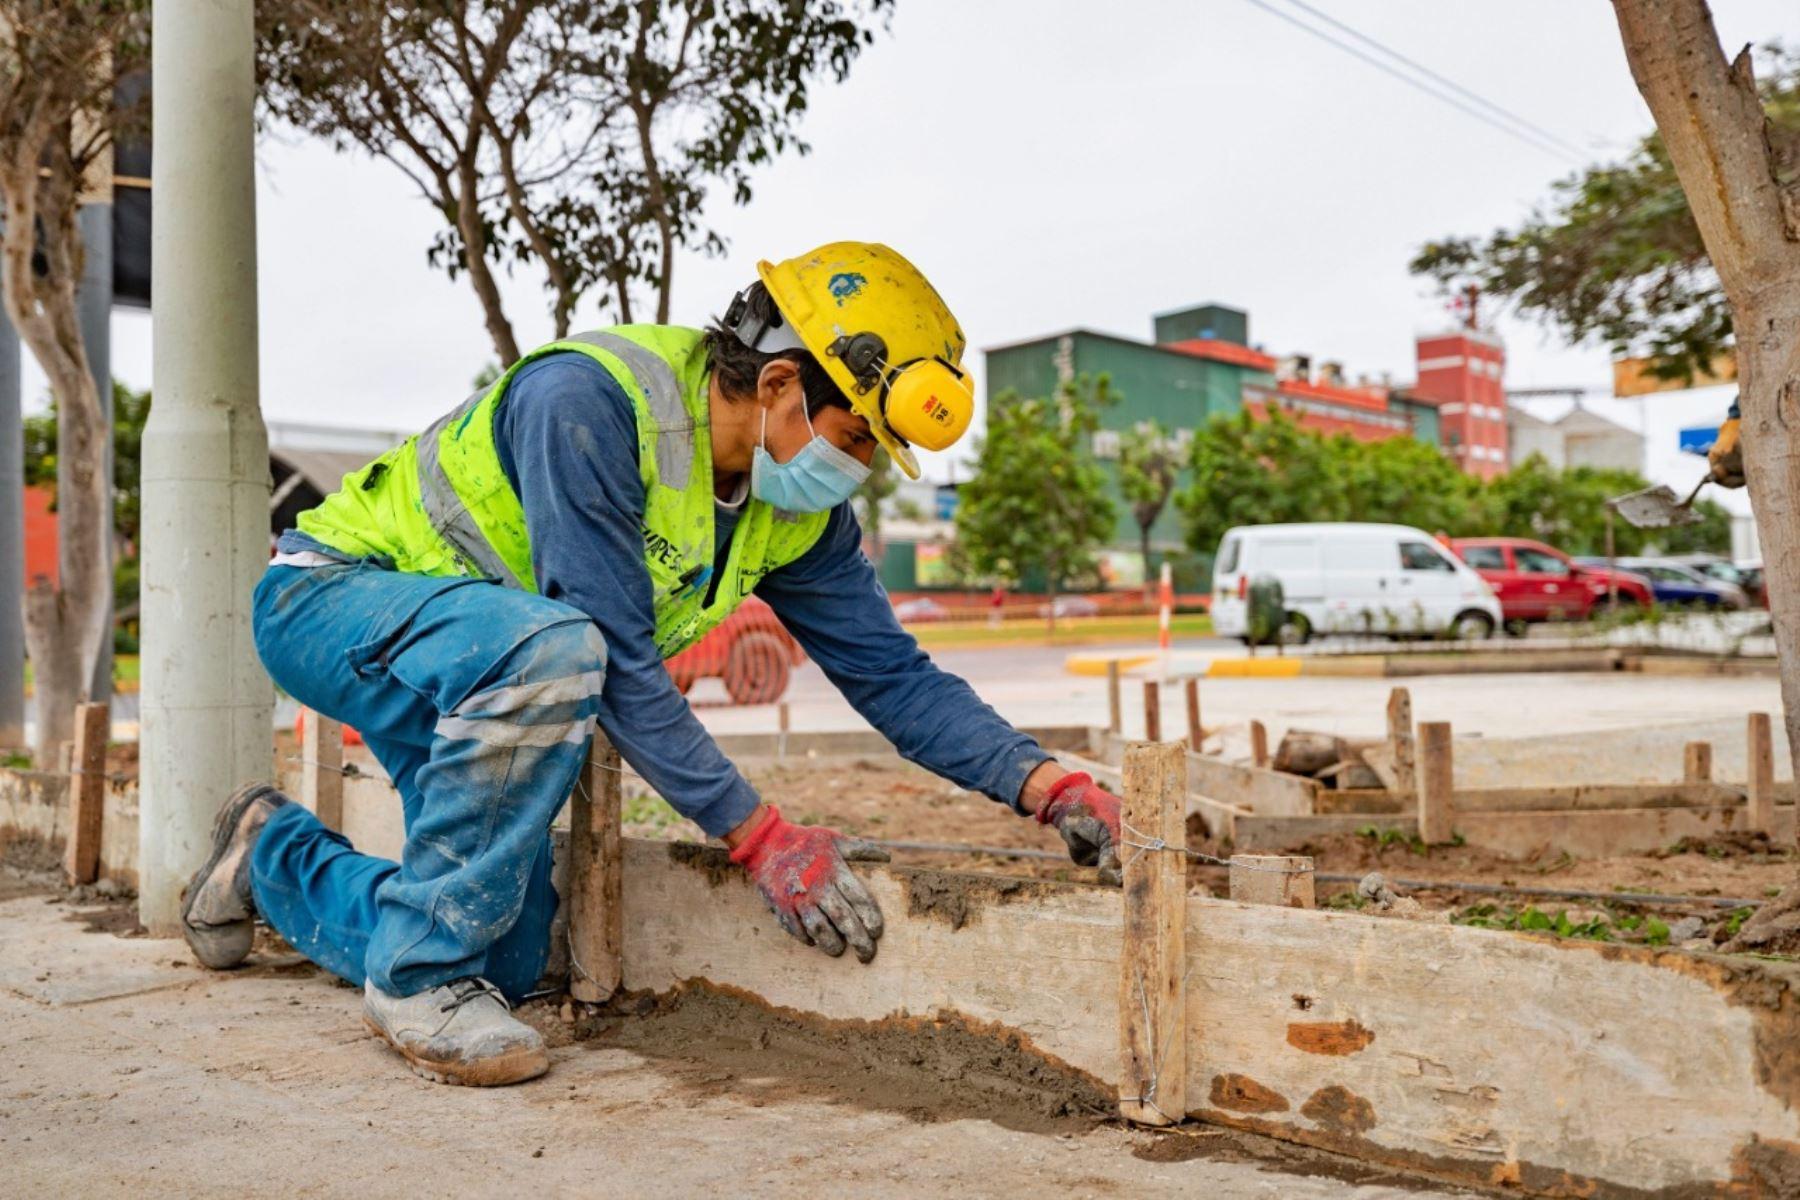 En las actividades participan ingenieros, técnicos y operarios, quienes cuentan con equipos de protección personal, como guantes, casco, calzado de seguridad, entre otros implementos. Foto: ANDINA/ Municipalidad Metropolitana de Lima.